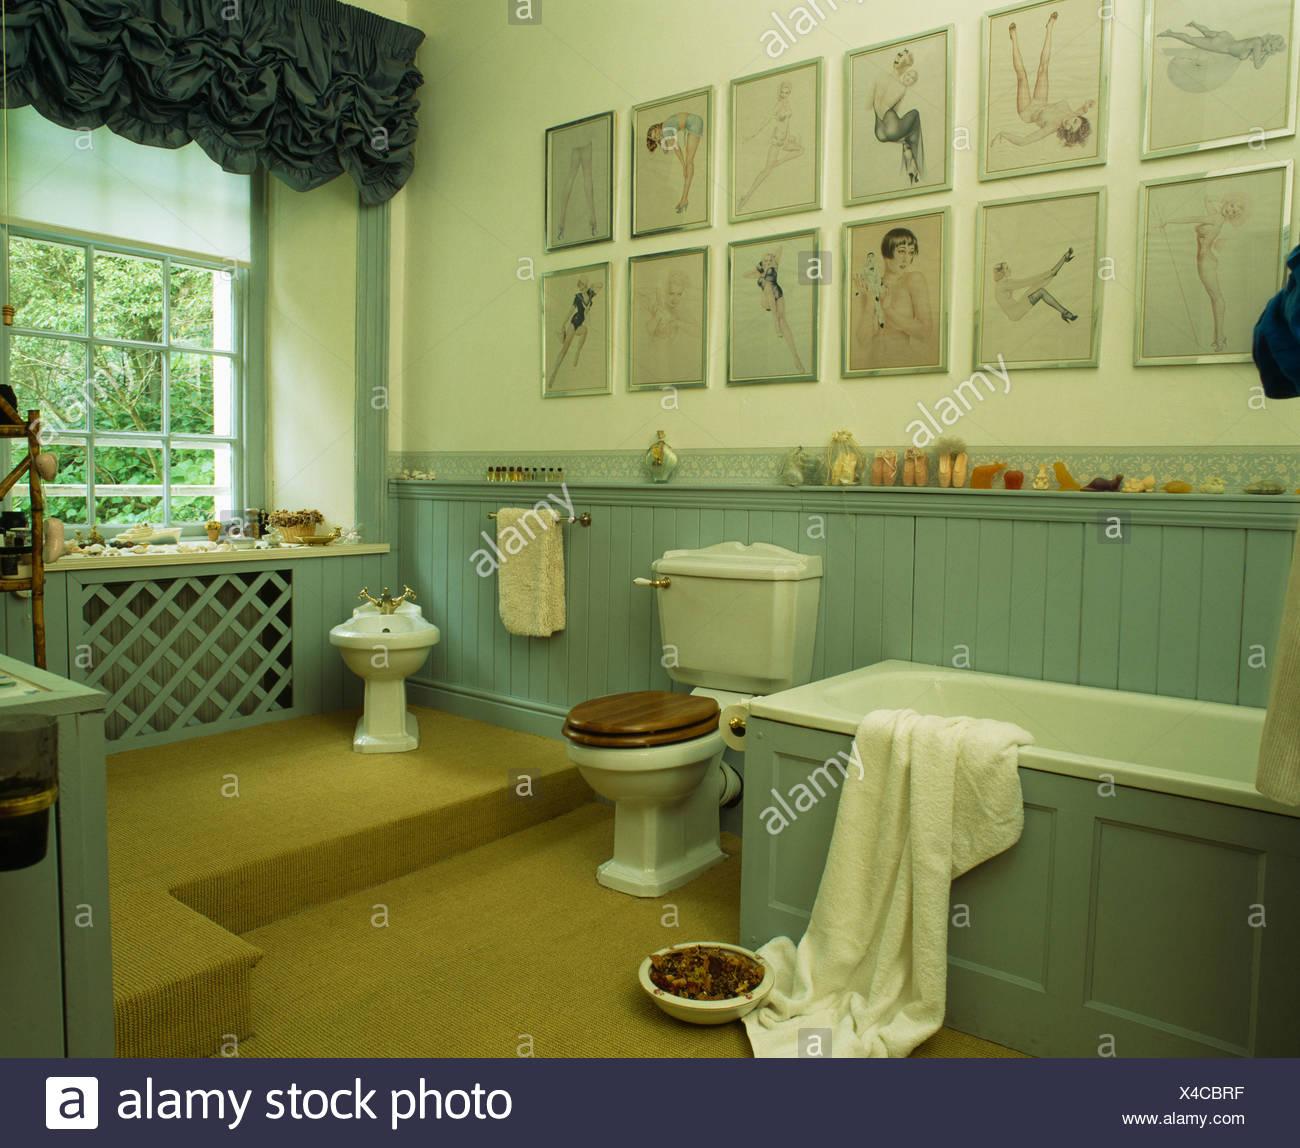 Sammlung Von Bildern Auf Wand über Bad Im Land Badezimmer Mit  Türkisfarbenen Zunge + Nut Dado